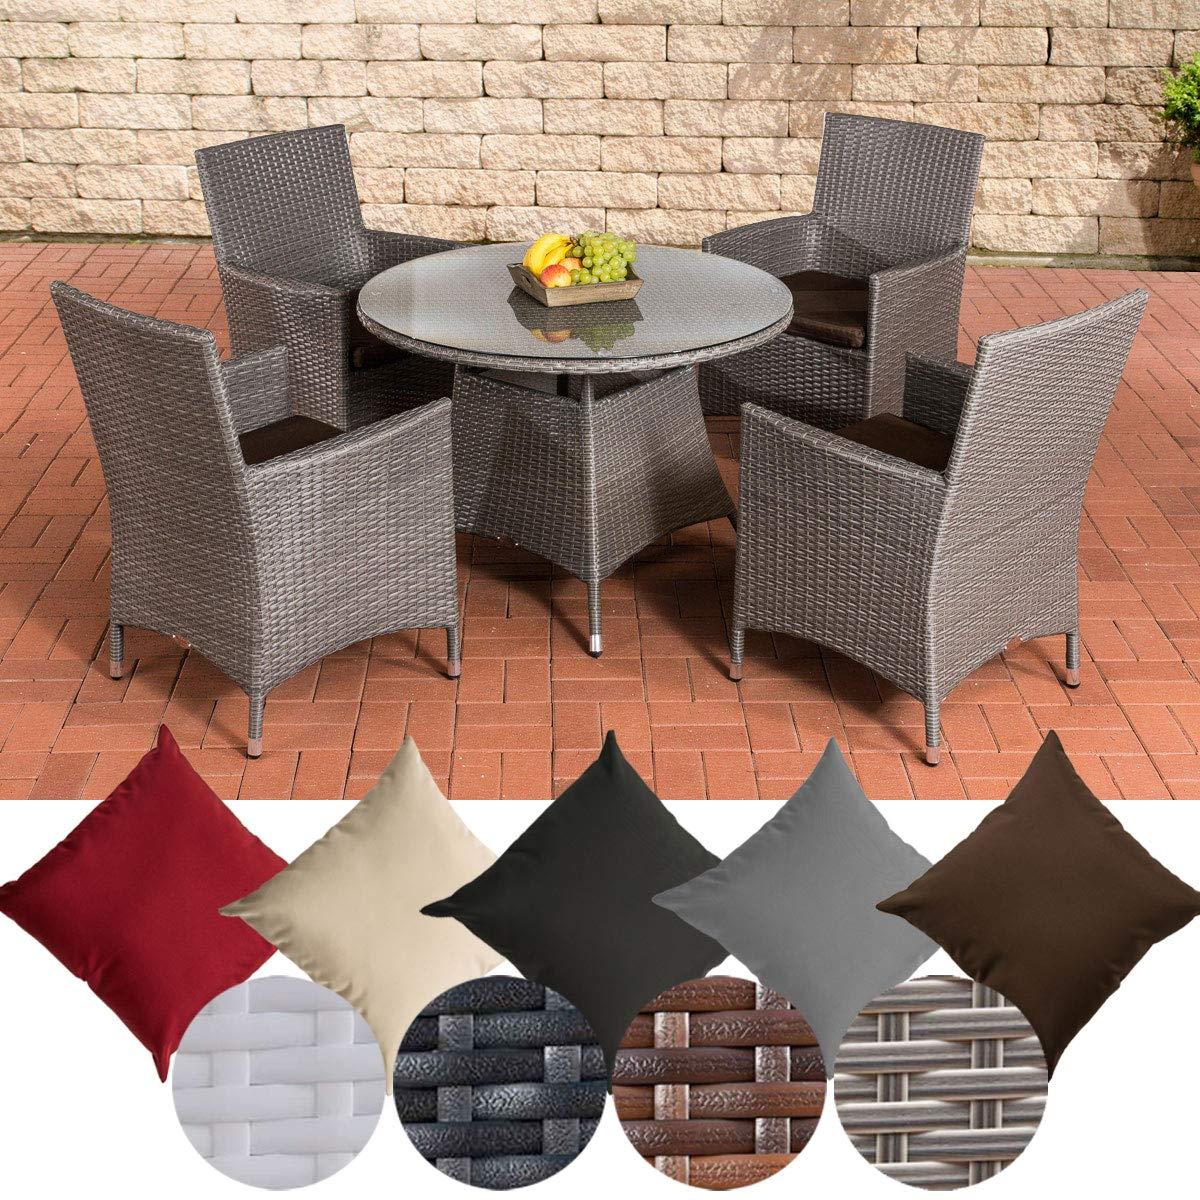 CLP conjunto mesa y sillas de jardín Sanremo (resina trenzada, aluminio, 4 sillas + mesa redonda diámetro 100 cm, cojines incluidos), color de ratán: gris, revestimiento: Tierra marrón: Amazon.es: Hogar